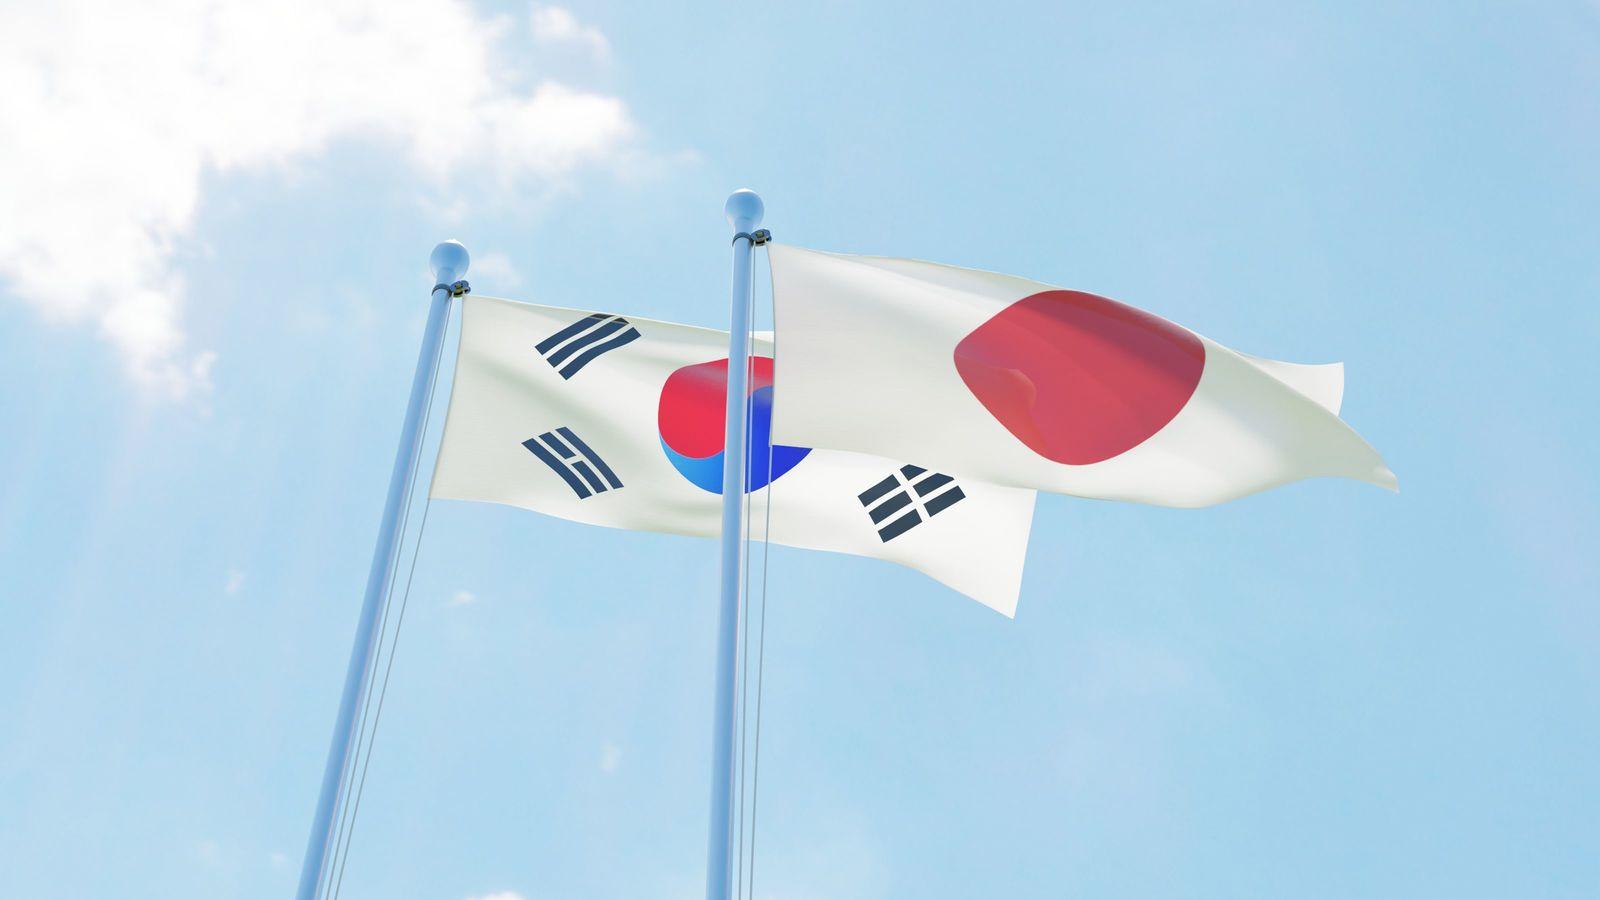 日韓貿易対立でわかった「文在寅大統領」の本性 対立激化は当面、収まりそうにない